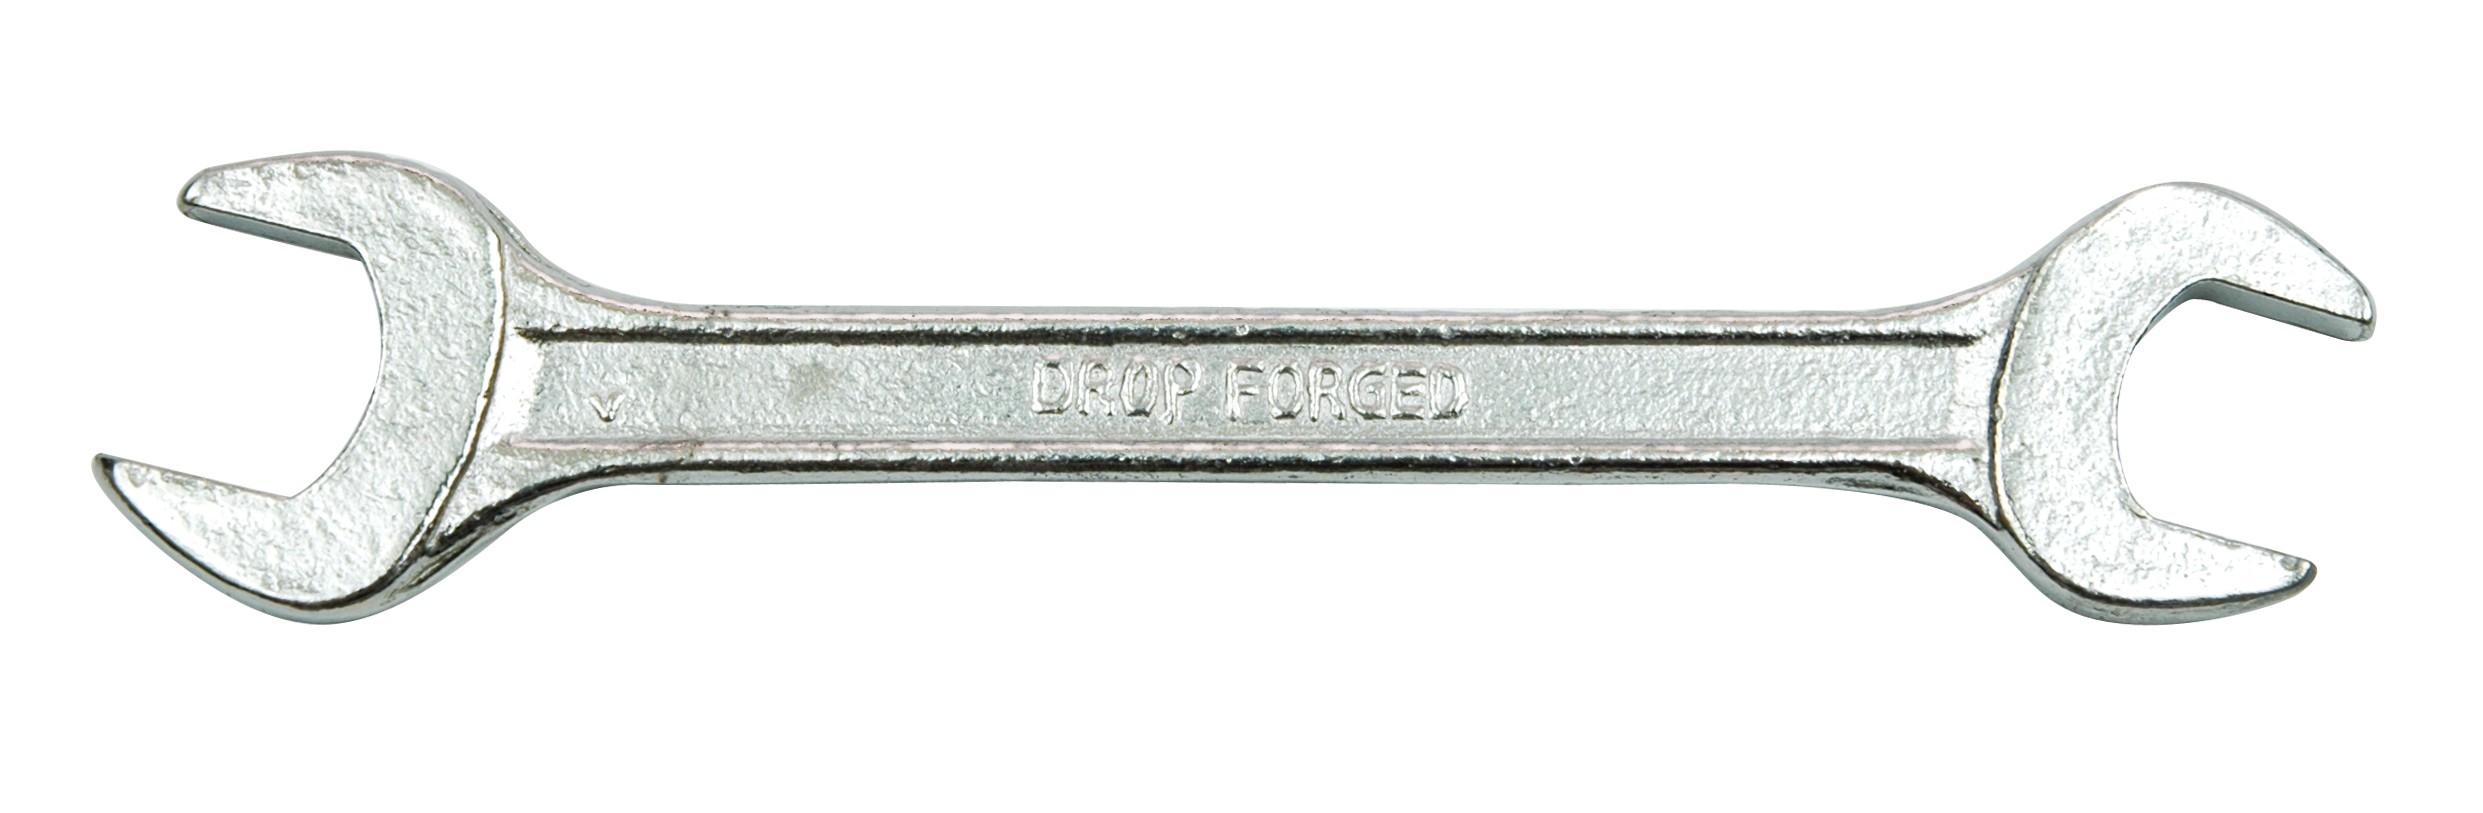 Klíč plochý 13 x 17  mm